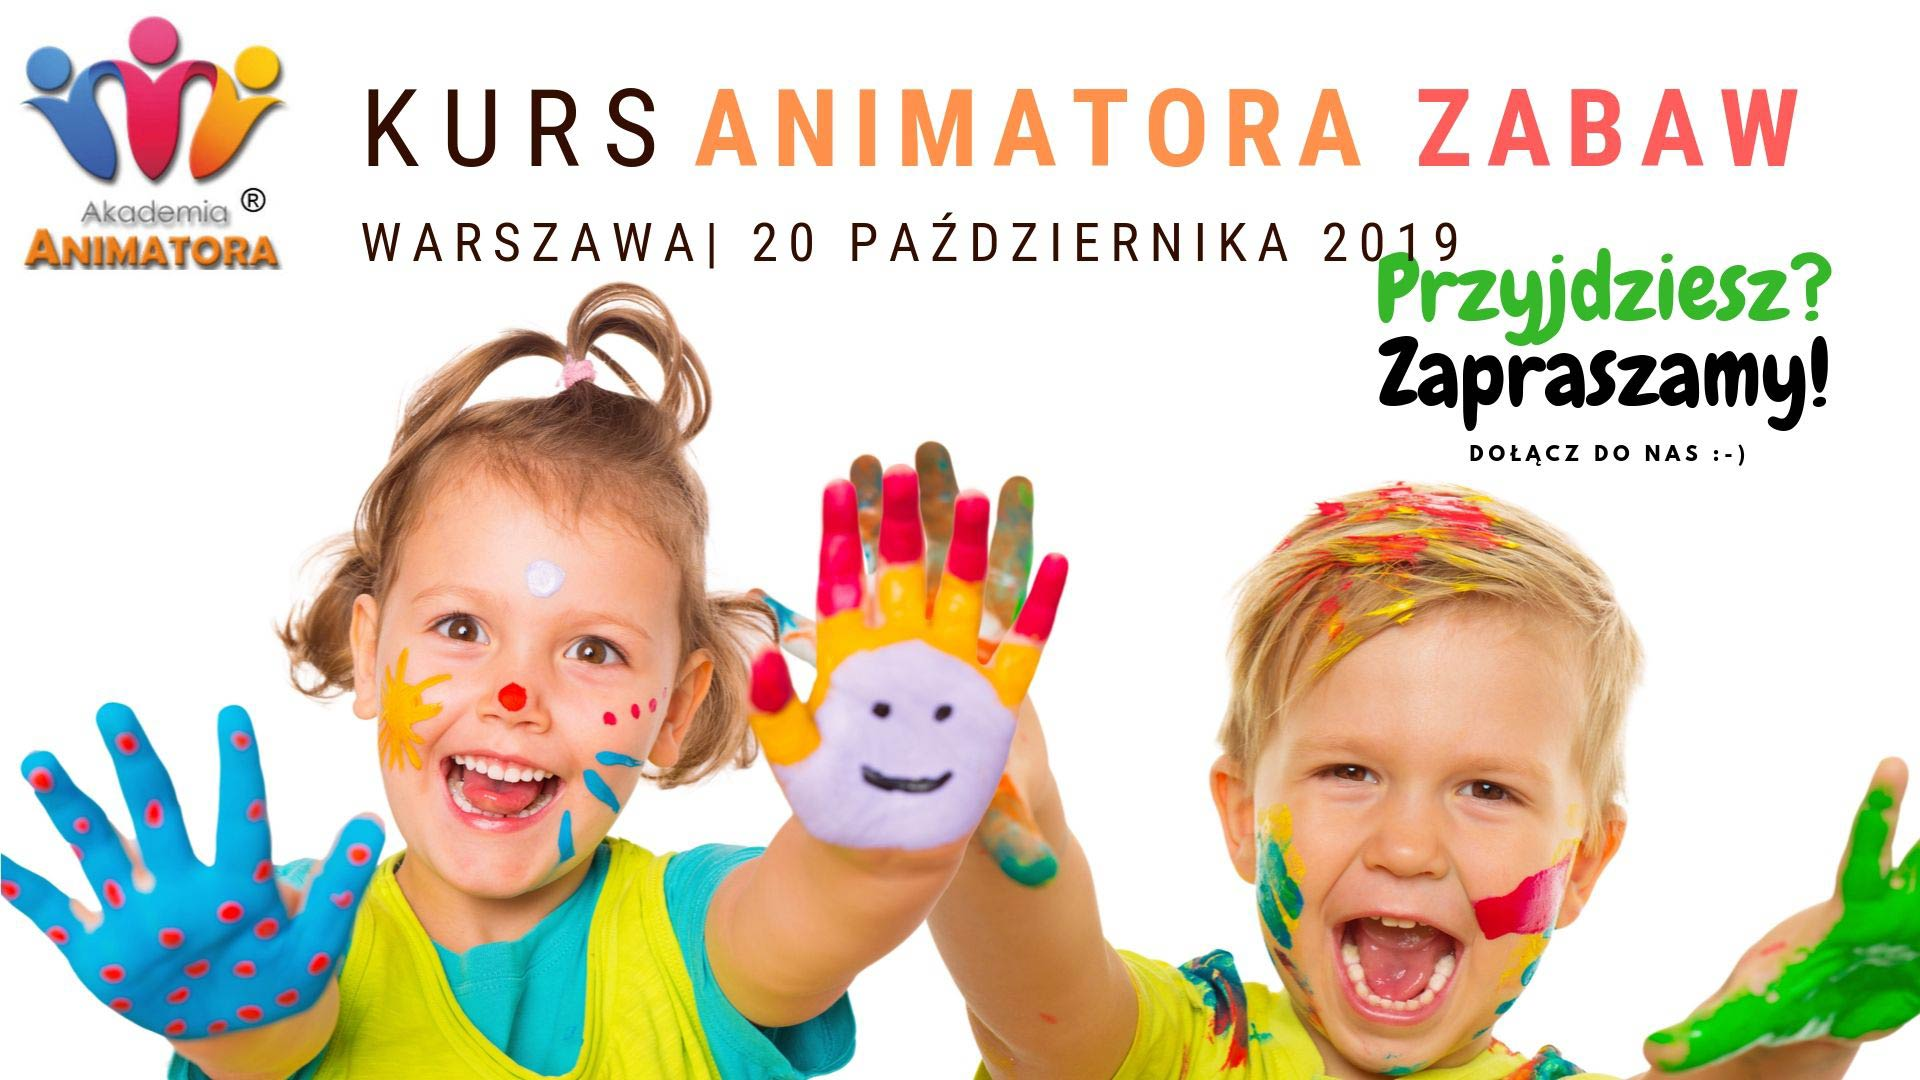 Kurs Animatora Warszawa 20.10.2019